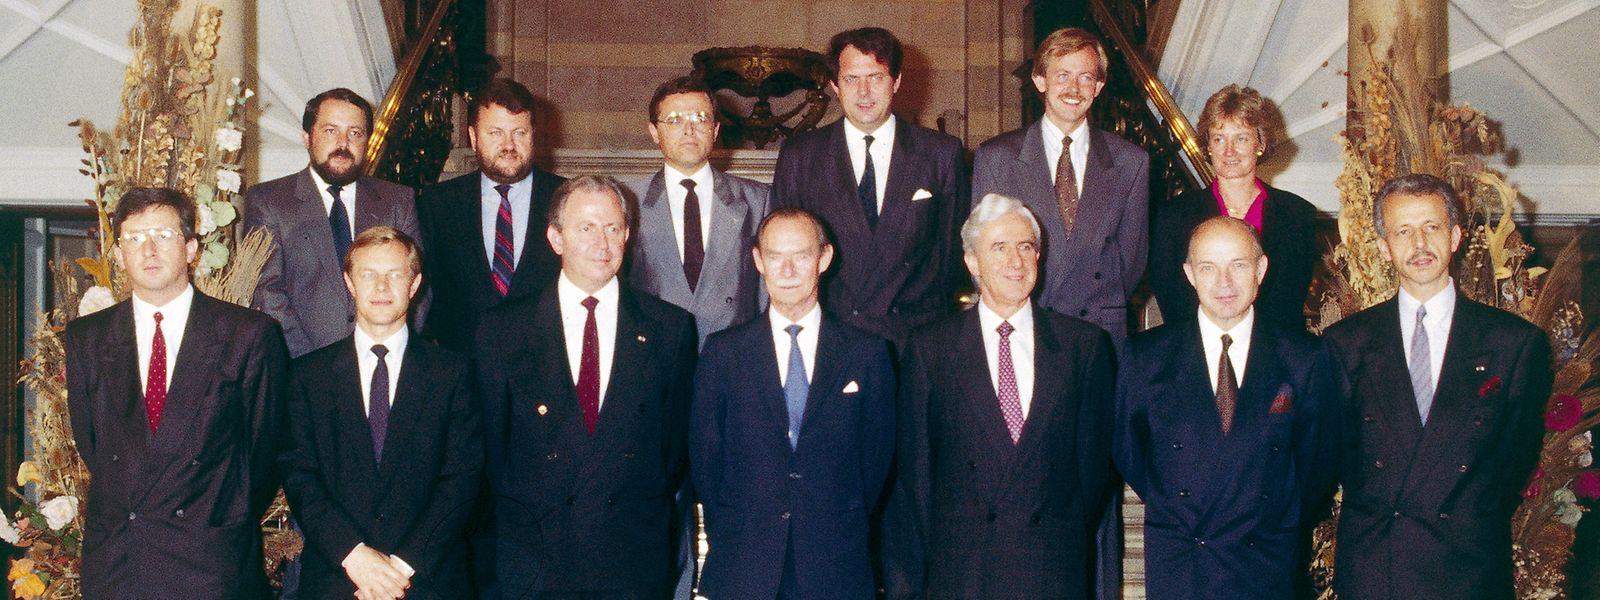 Die Regierung Santer-Poos II bei der Vereidigung am 14. Juli 1989: V.l.n.r. 1 R.: Jean-Claude Juncker, Fernand Boden, Jacques Santer, Großherzog Jean, Jacques Poos, Jean Spautz, Marc Fischbach; 2. R.: Georges Wohlfart, Robert Goebbels, Johny Lahure, René Steichen, Alex Bodry, Mady Delvaux-Stehres.